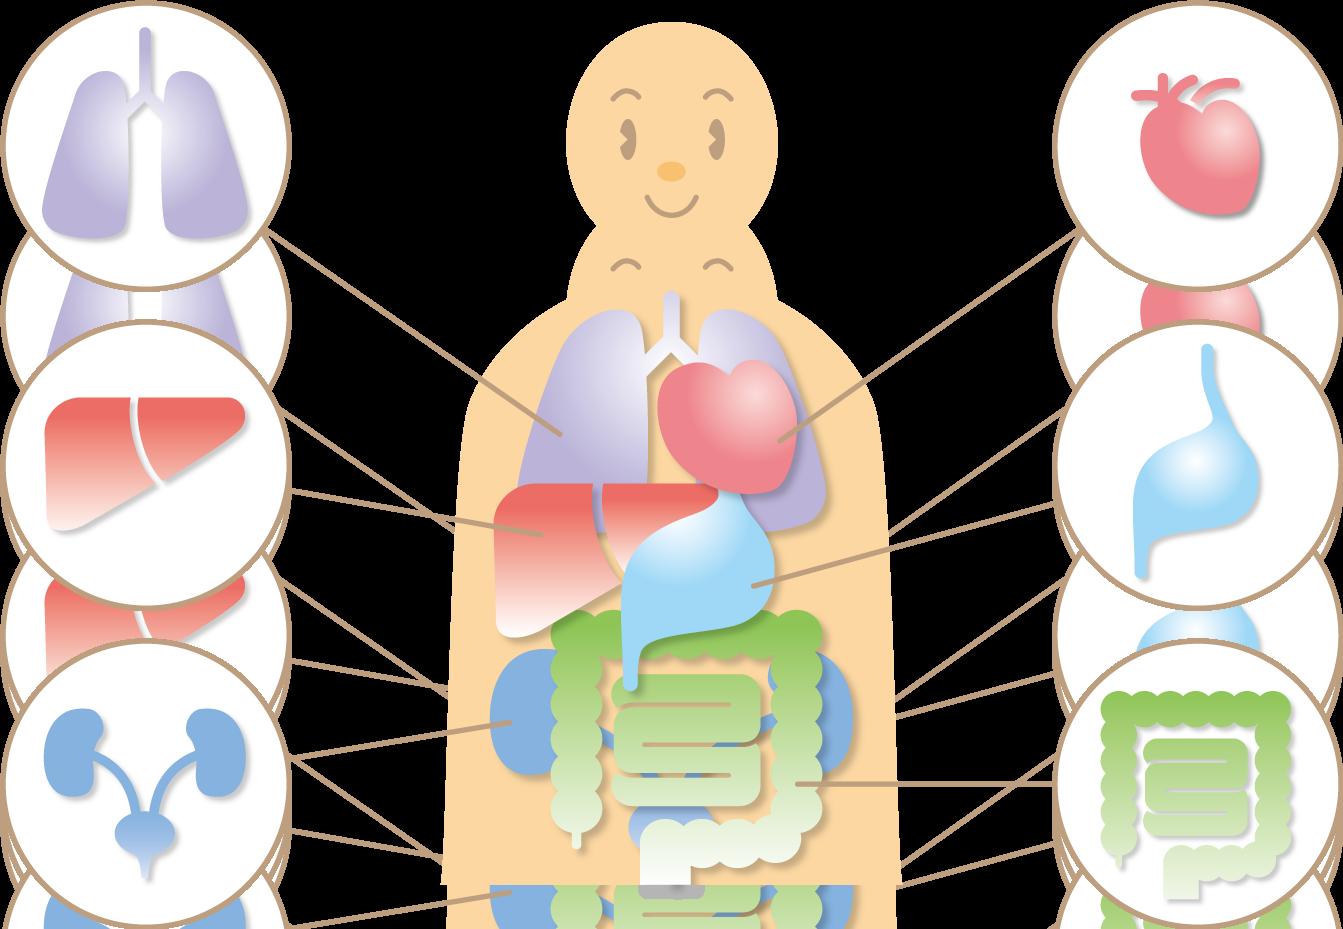 企業のがん検診に指針 厚労省、受診率向上図る